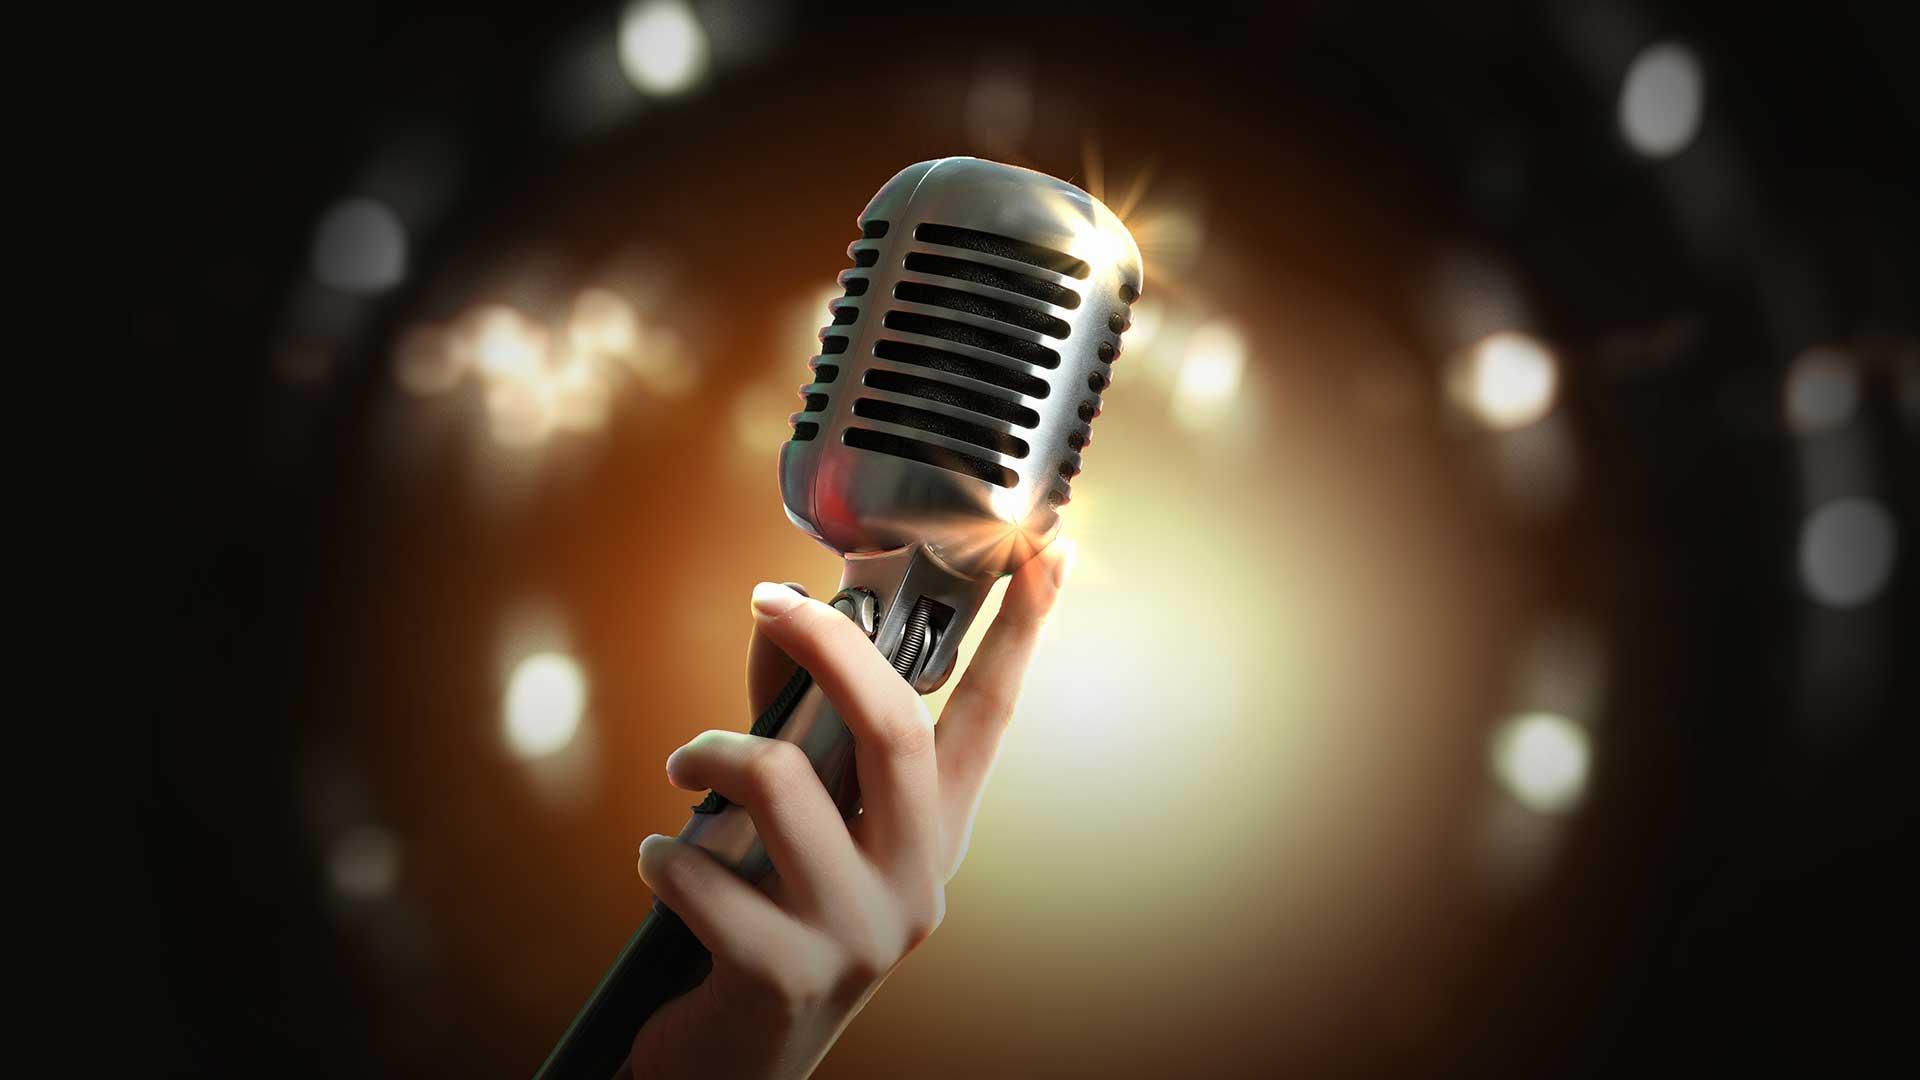 Địa điểm học Vocal trực tuyến giáo viên 1 kèm 1 2